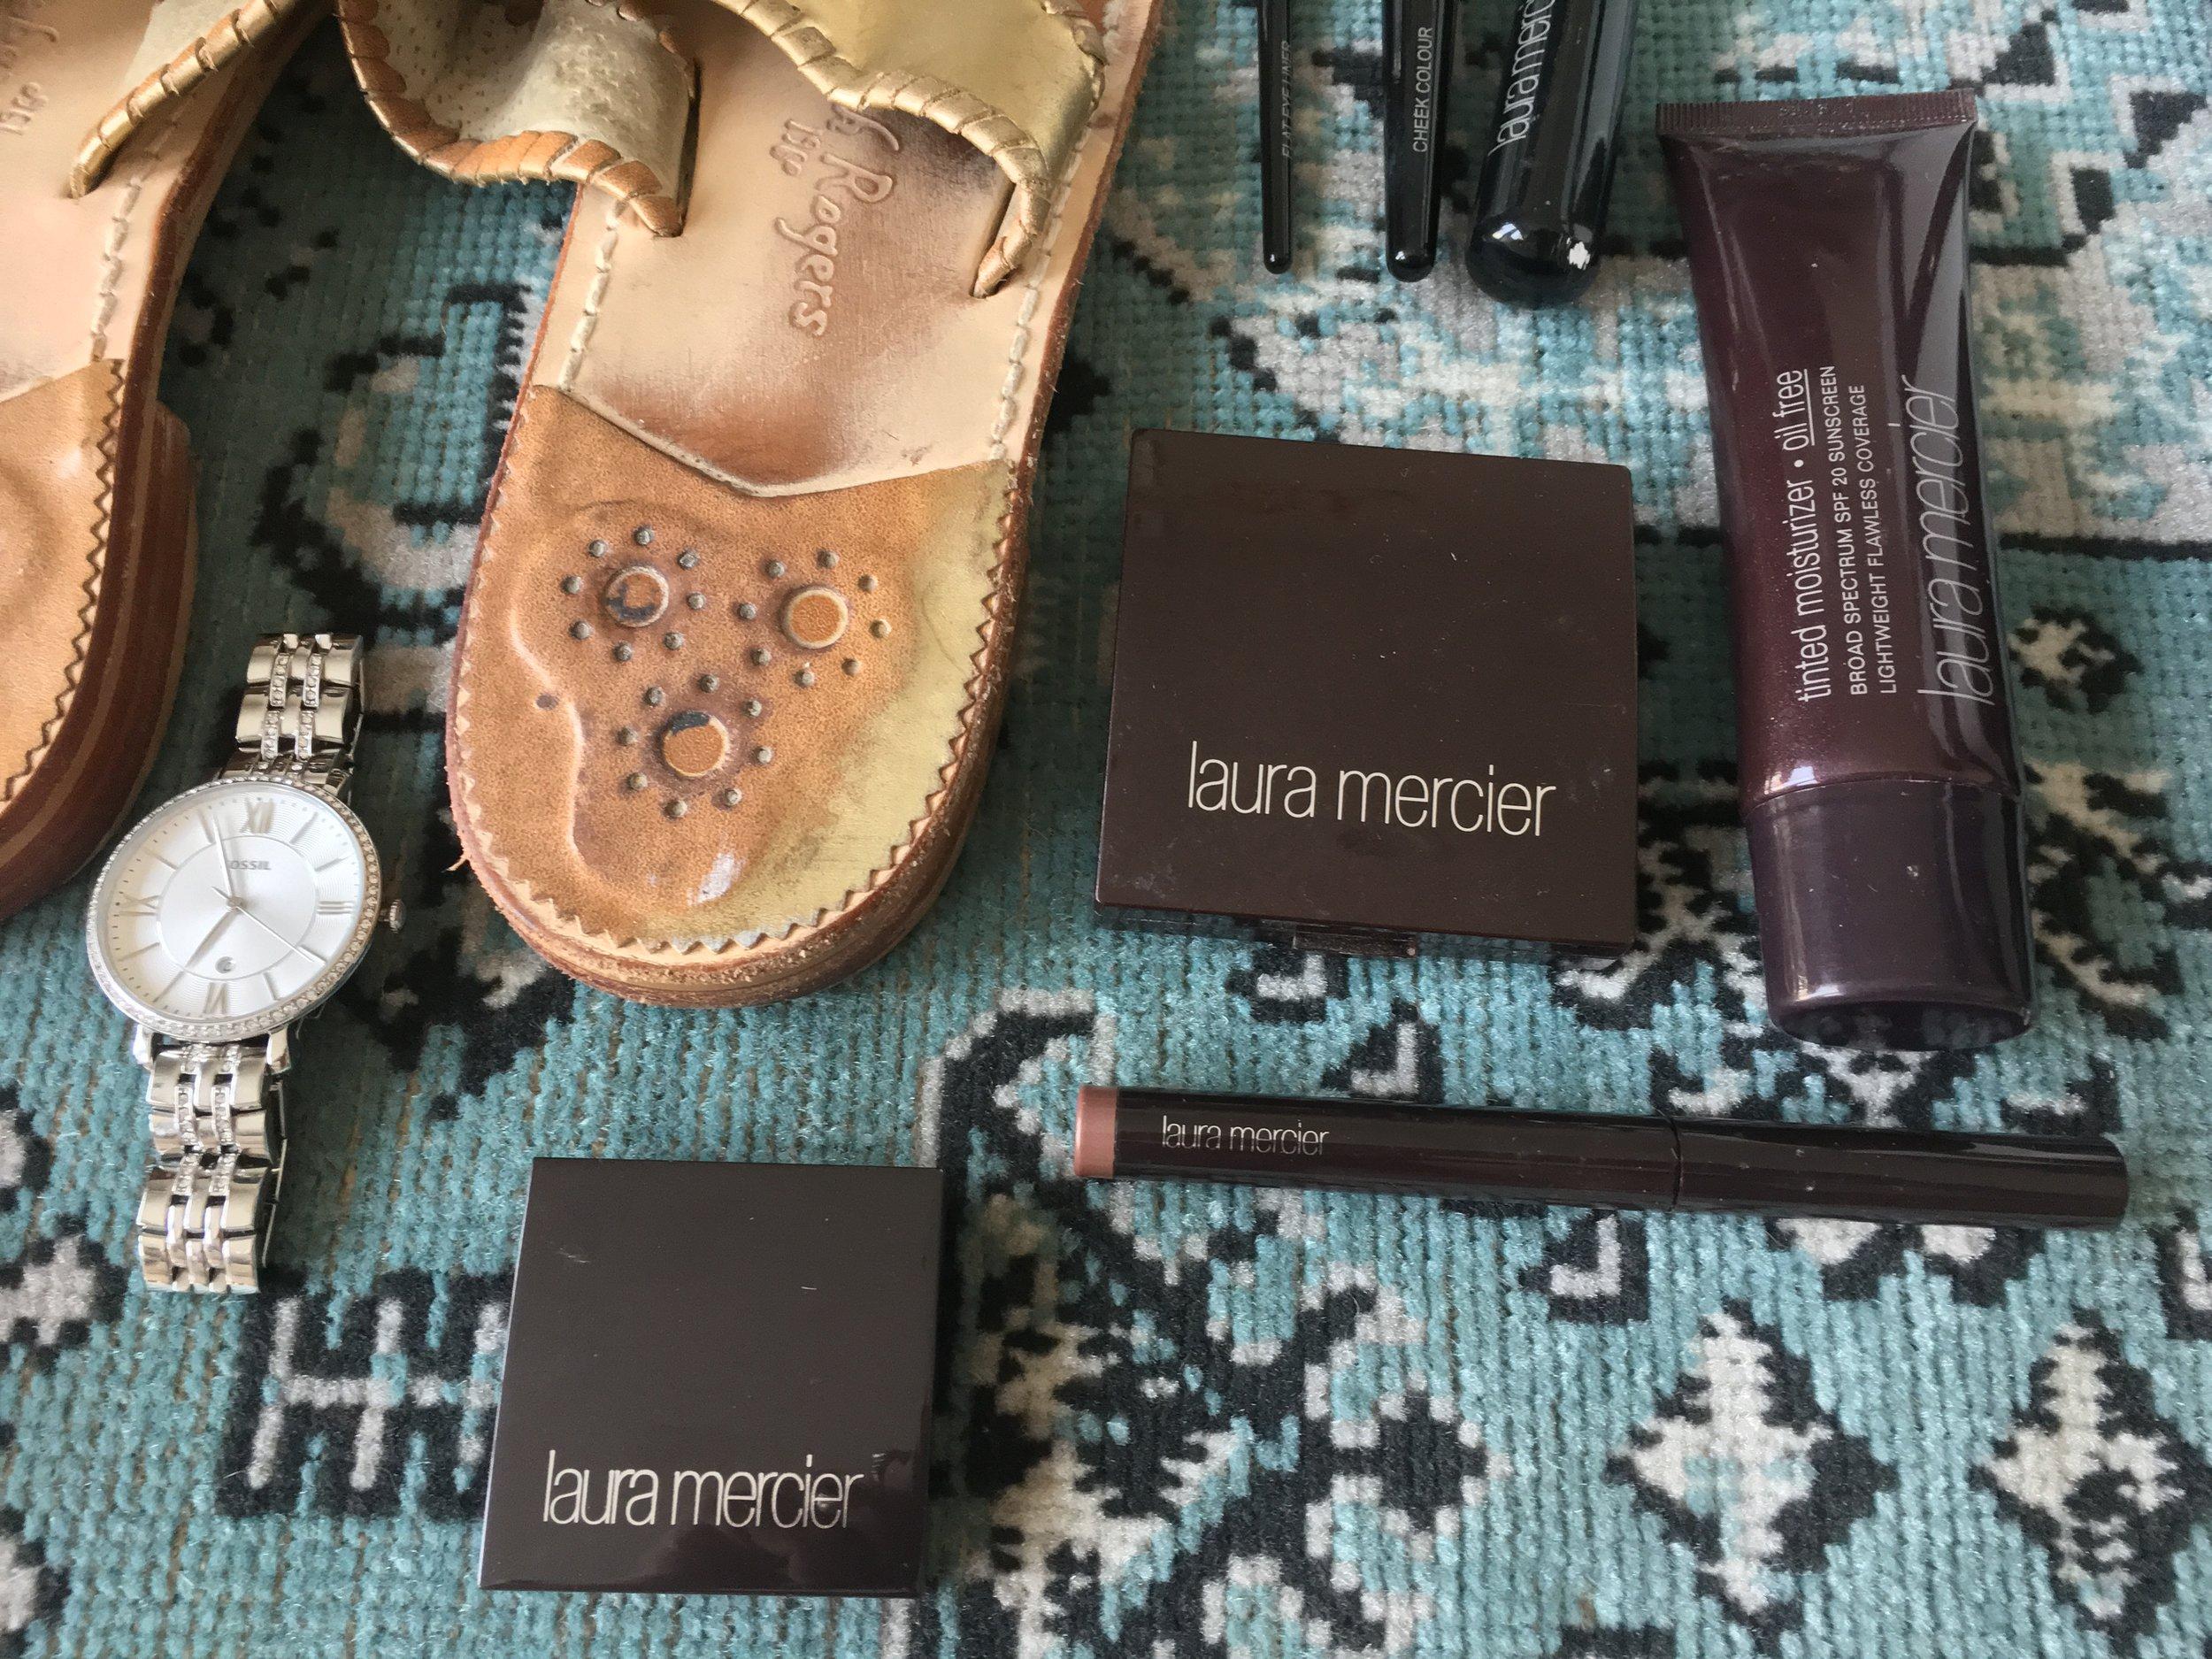 Eyeliner  :  Laura Mercier    Caviar Stick  : Laura Mercier    Highlighte  r: Laura Mercier     Oil Free Tinted Moisturizer:   Laura Mercier